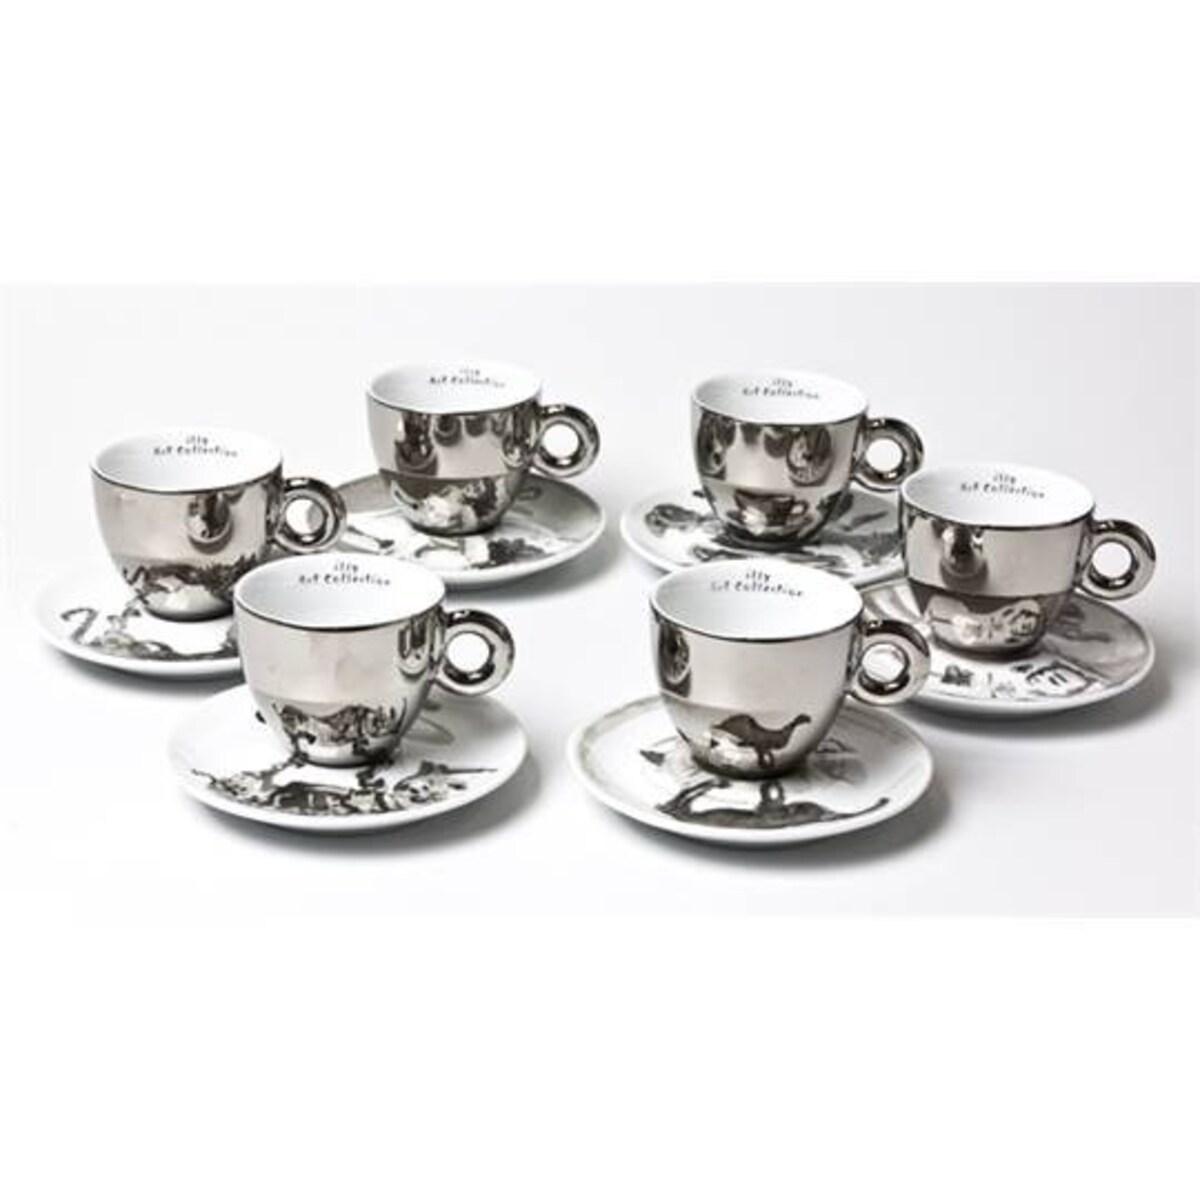 Колекция William Kentridge - 6 дизайнерски капучино чаши